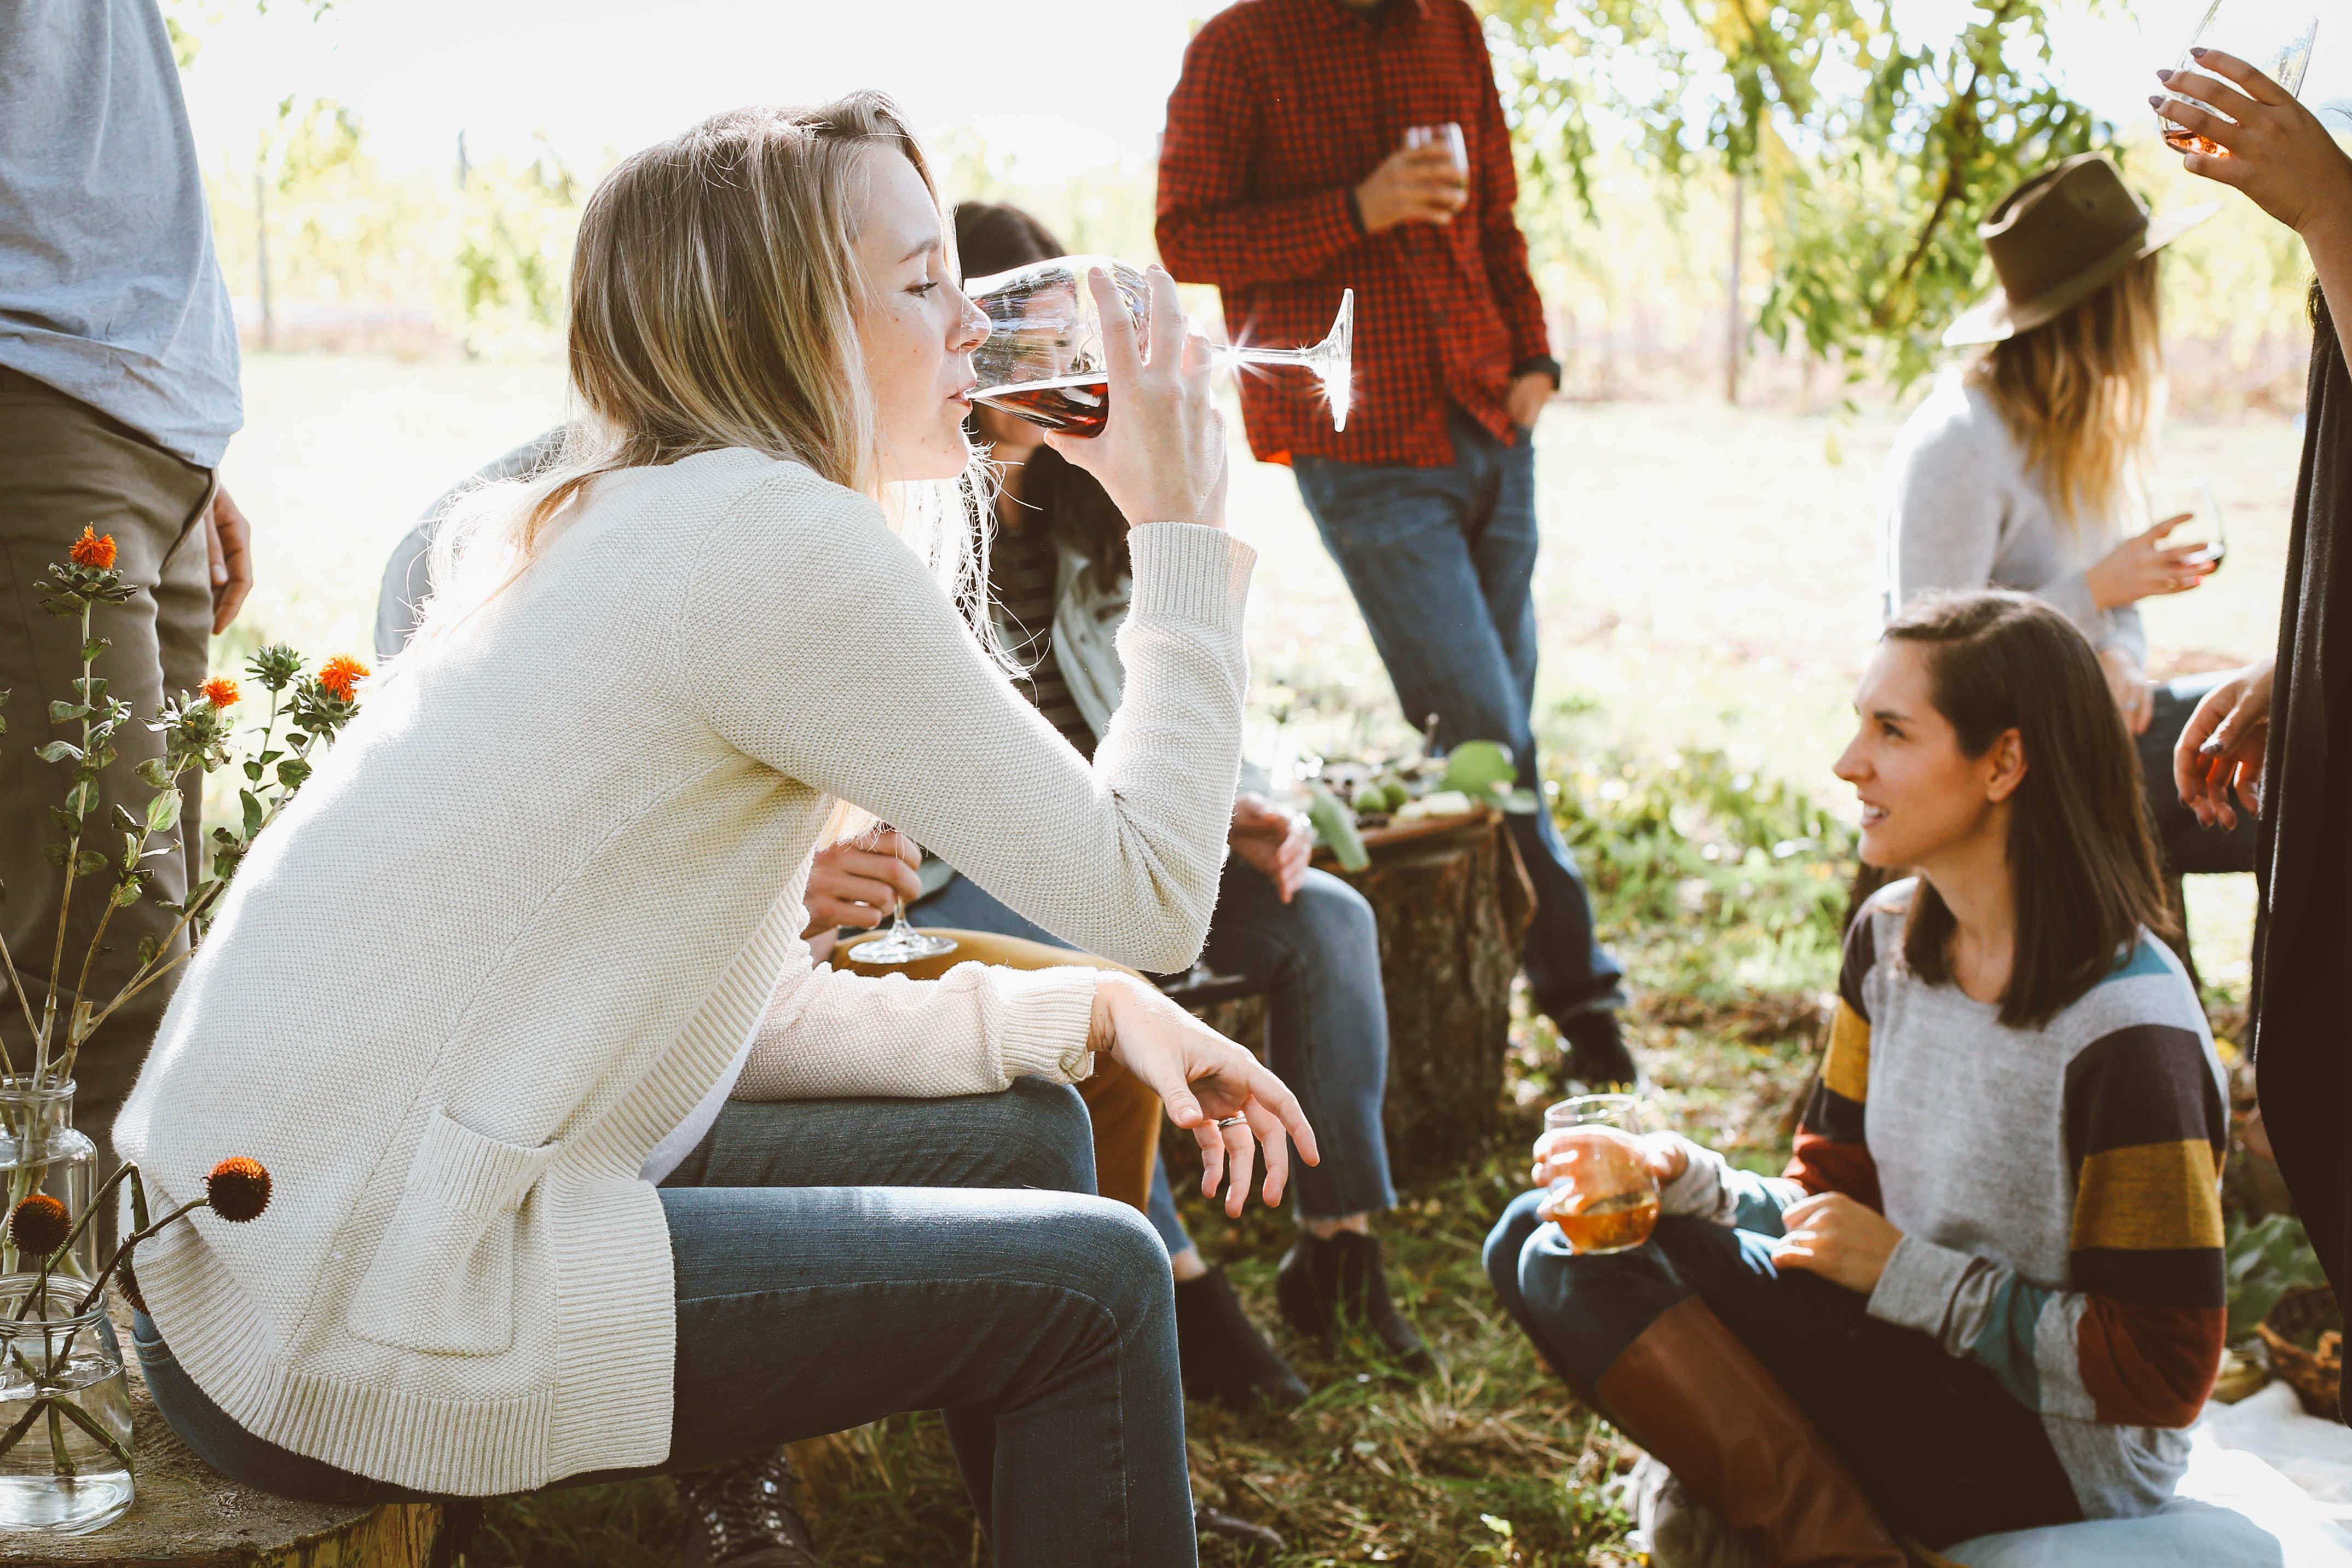 Millennials women, target market worth researching.